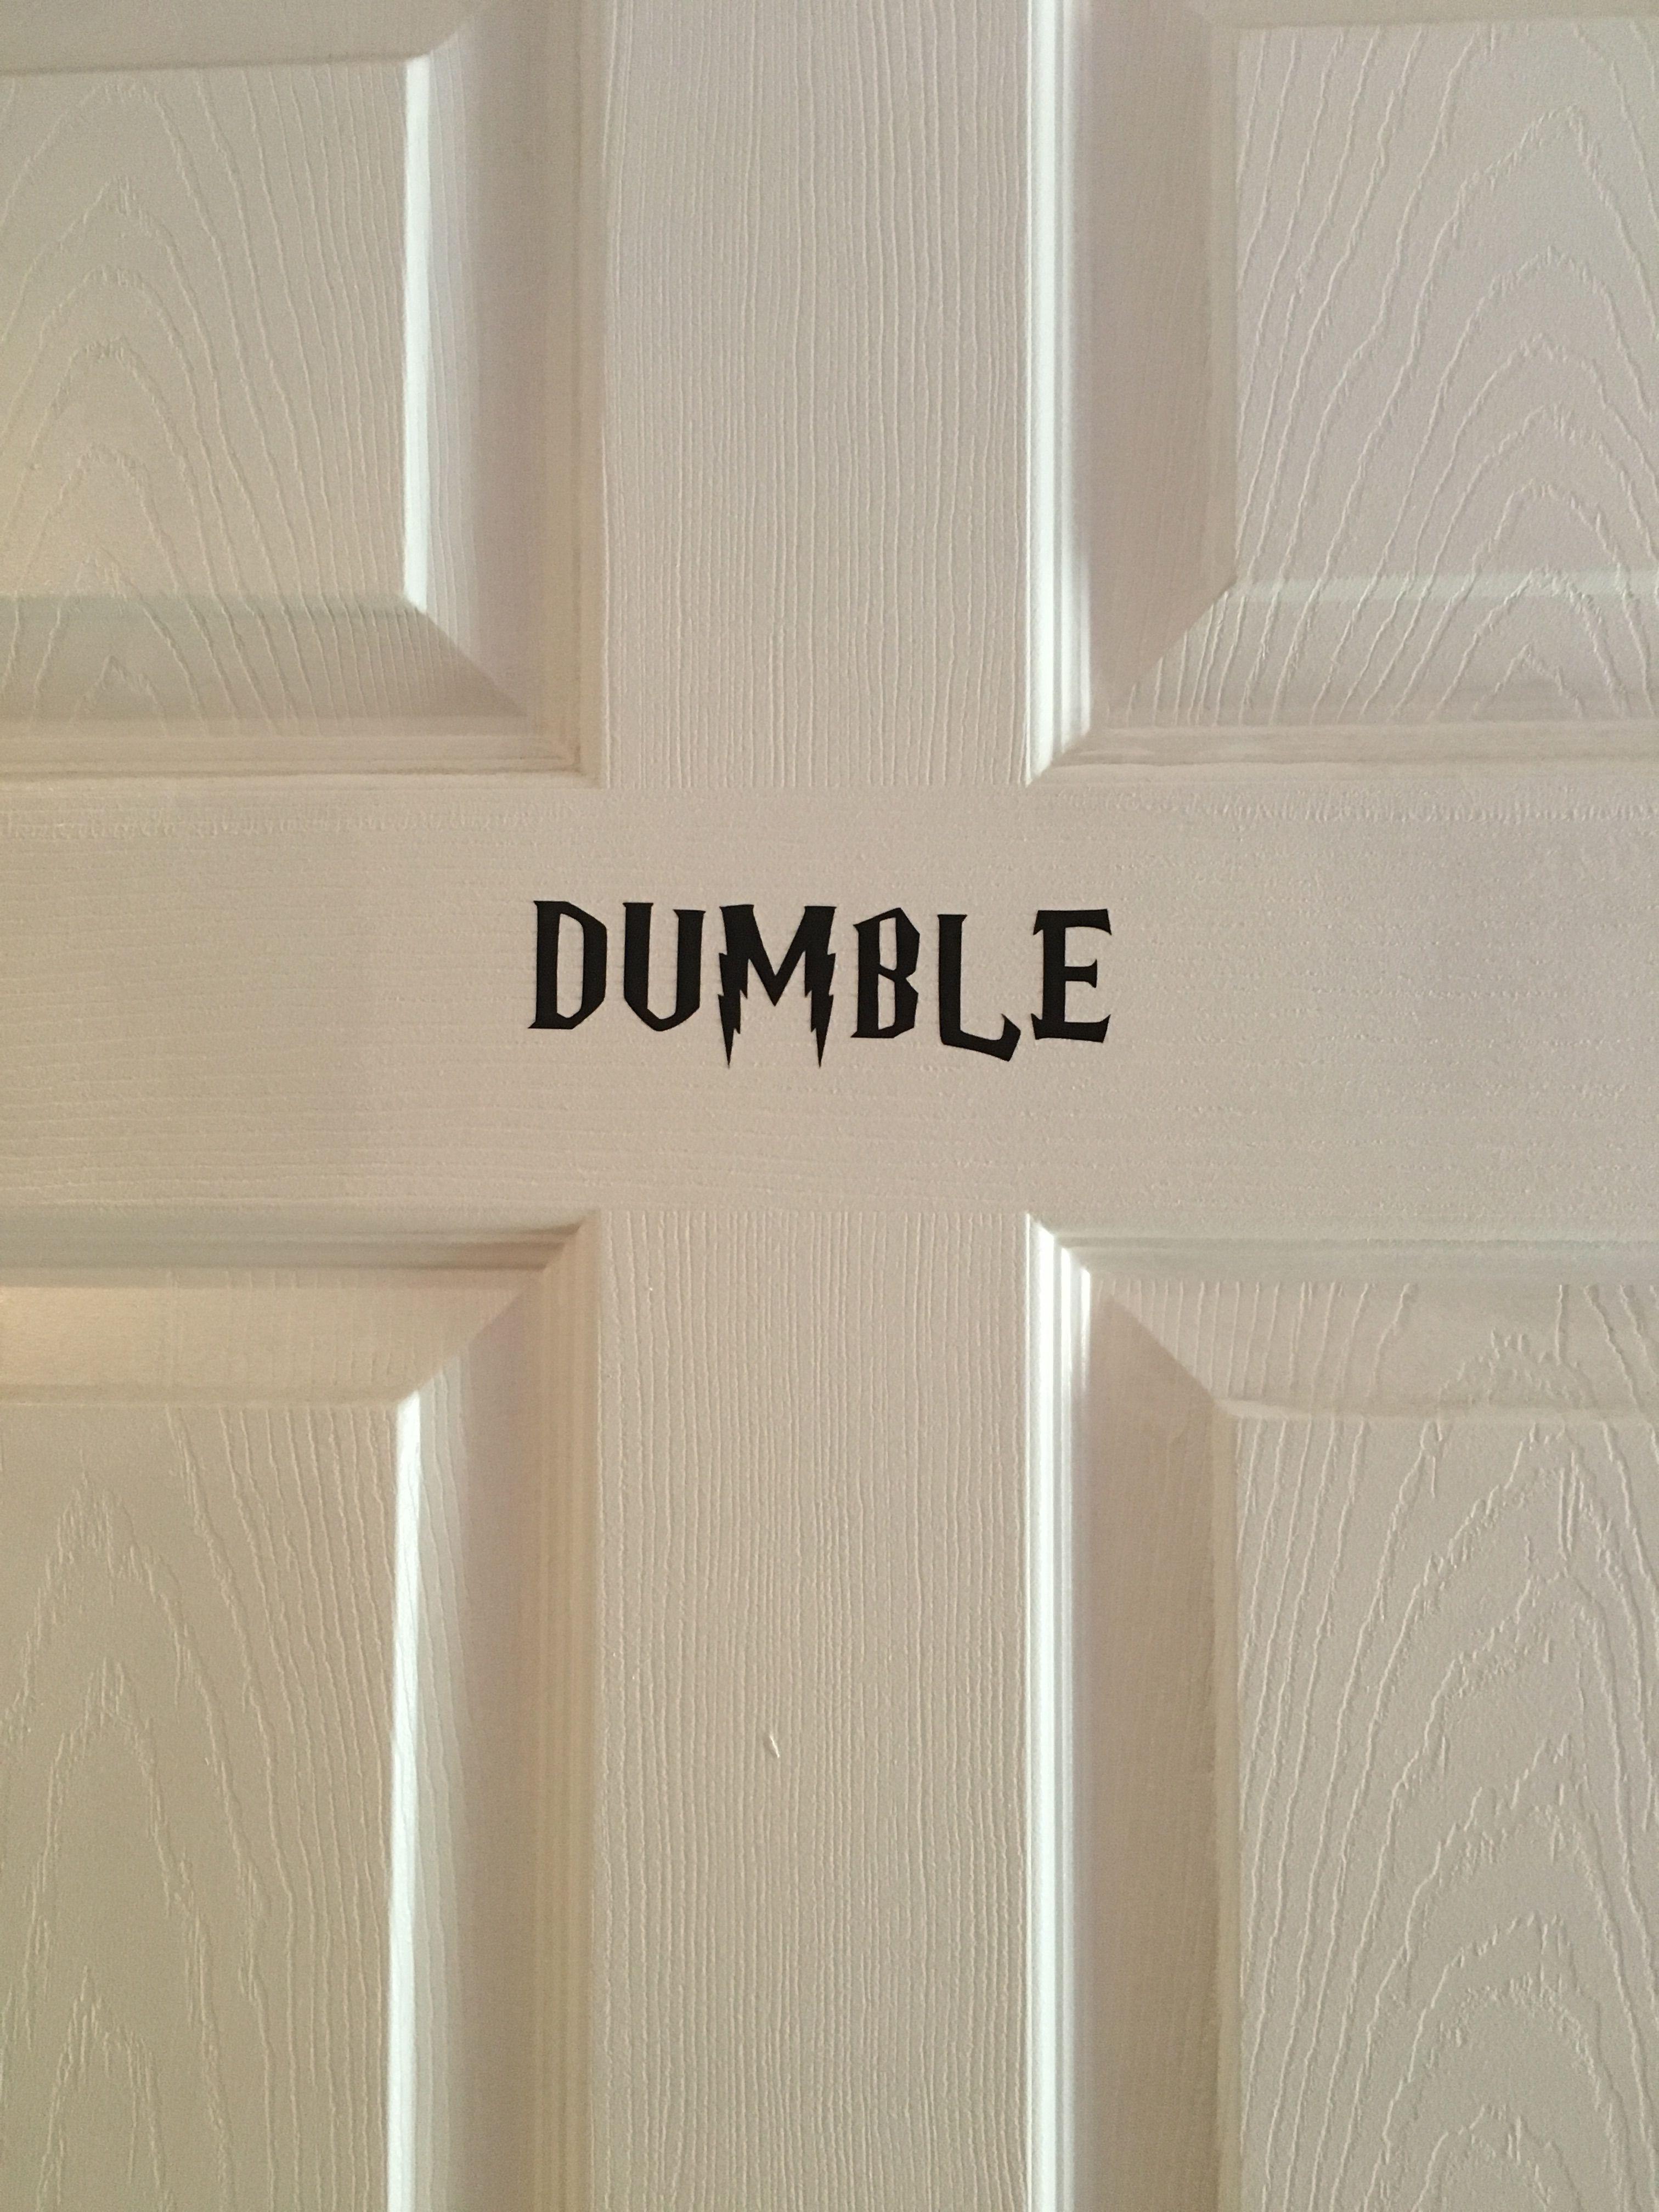 Dumble Door for a Harry Potter kid! & Dumble Door for a Harry Potter kid! | Styled For Fun | Pinterest